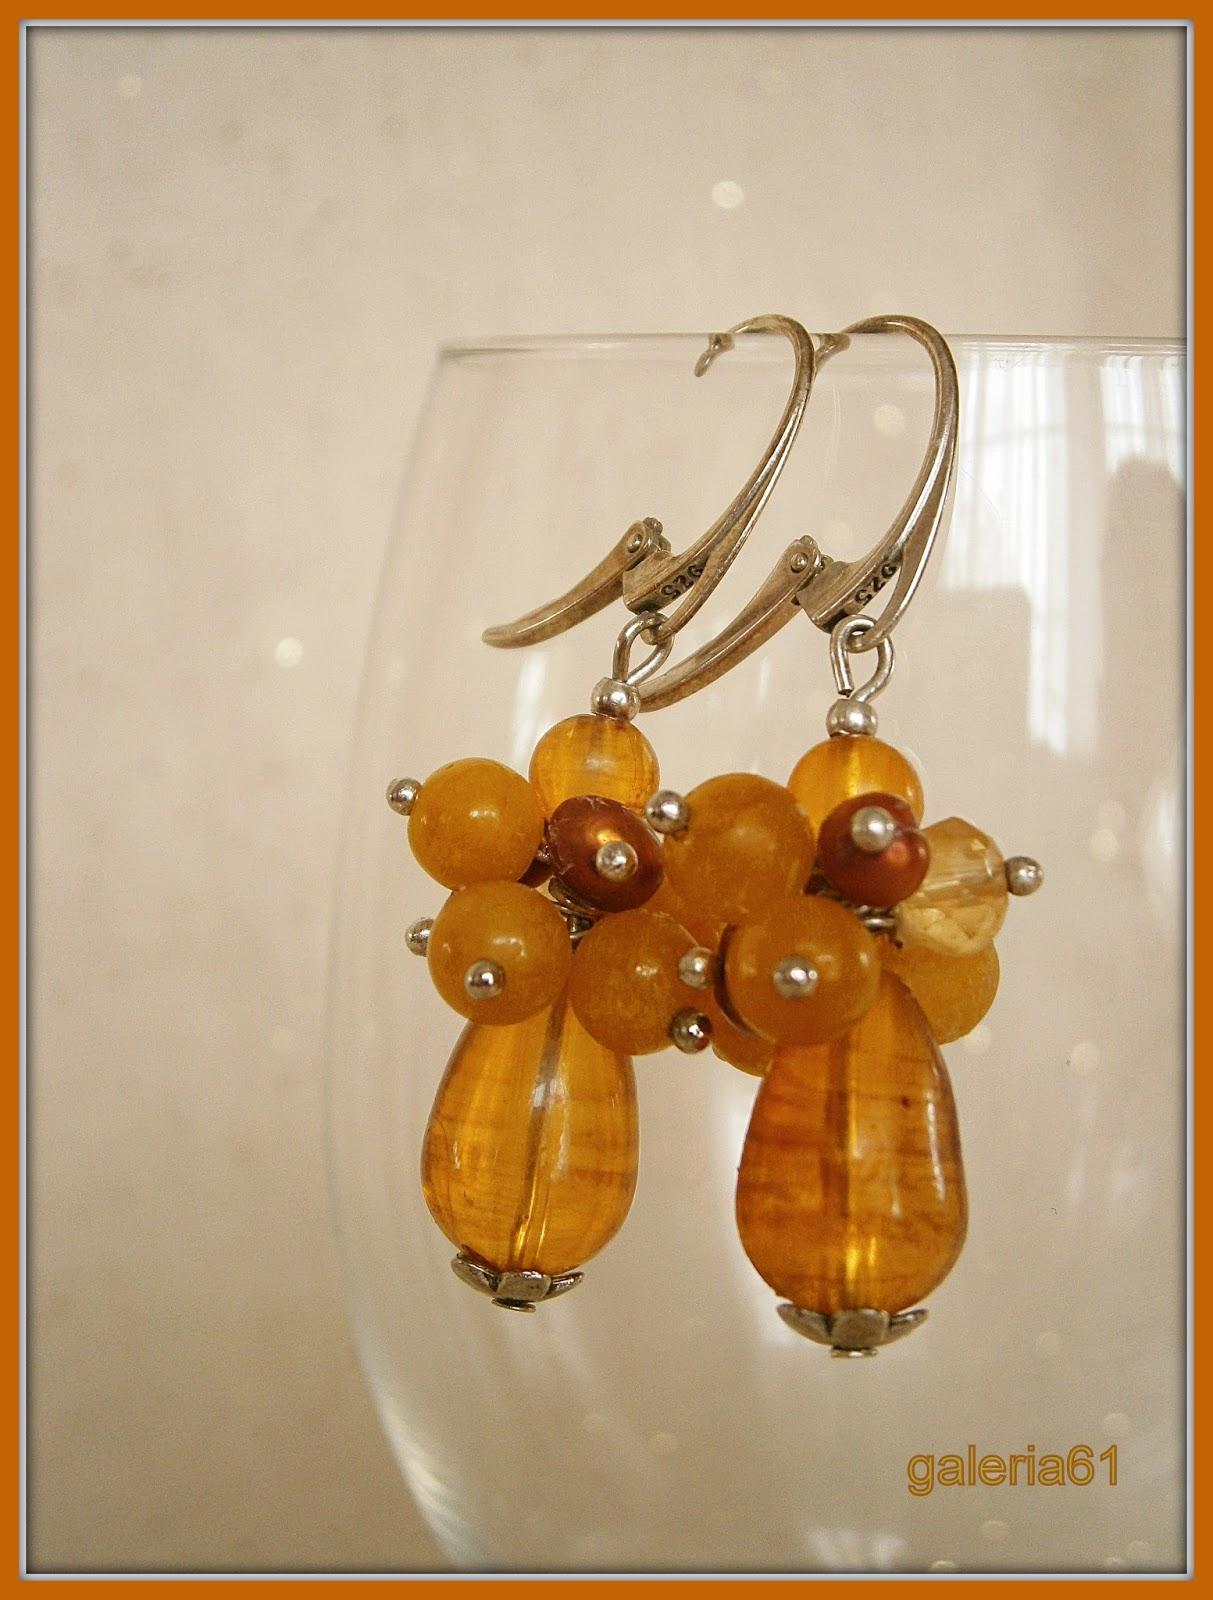 kolczyki żółte - nefryt, perły, Svarowski, szkło, srebro